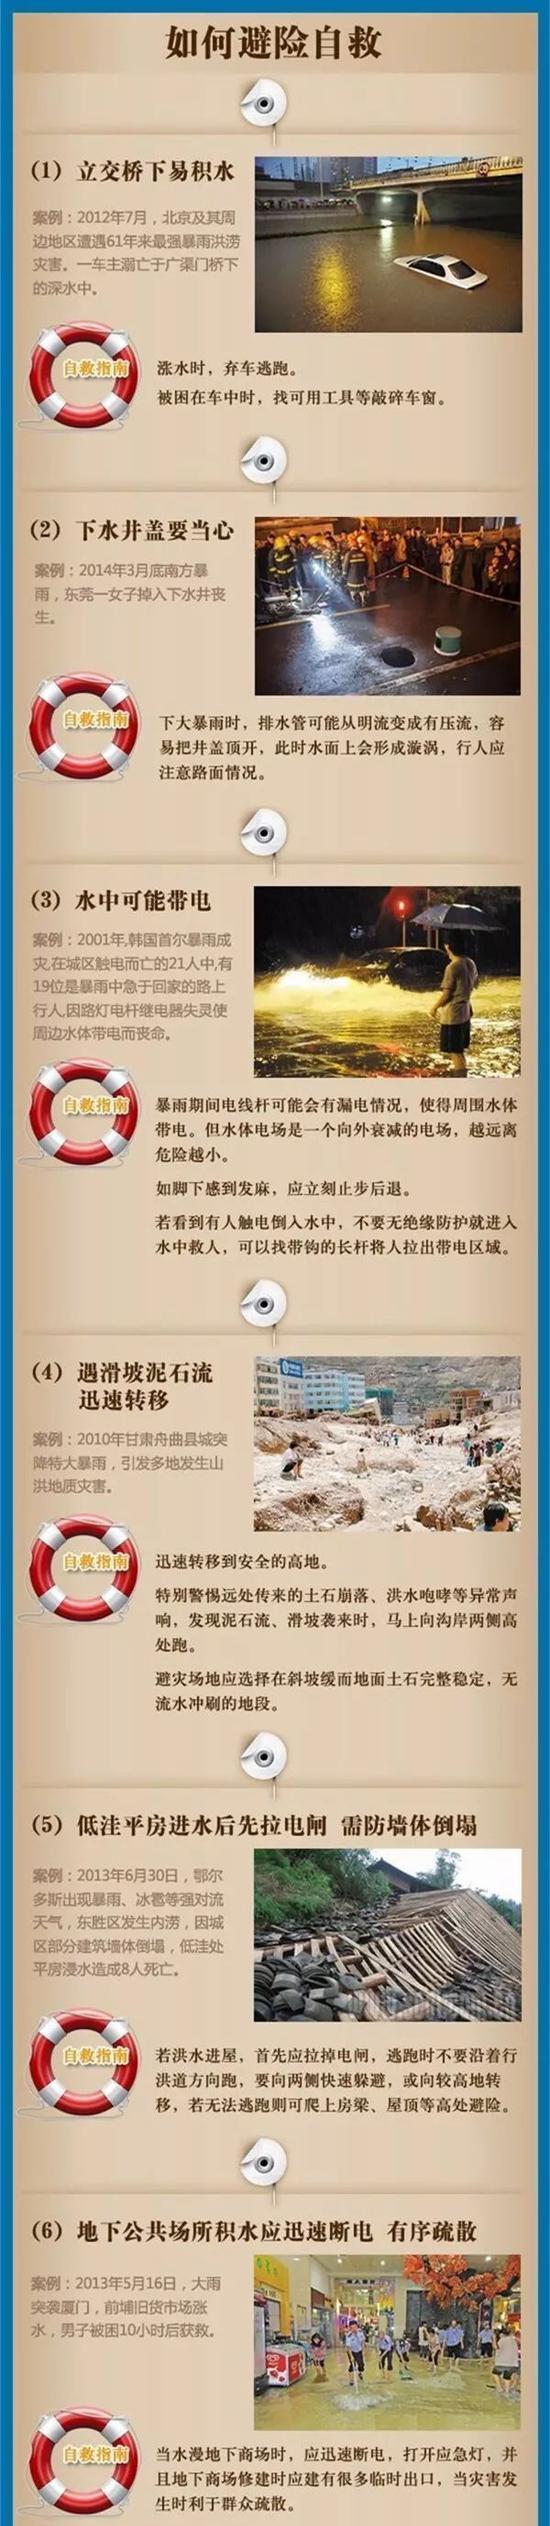 图据中国气象局